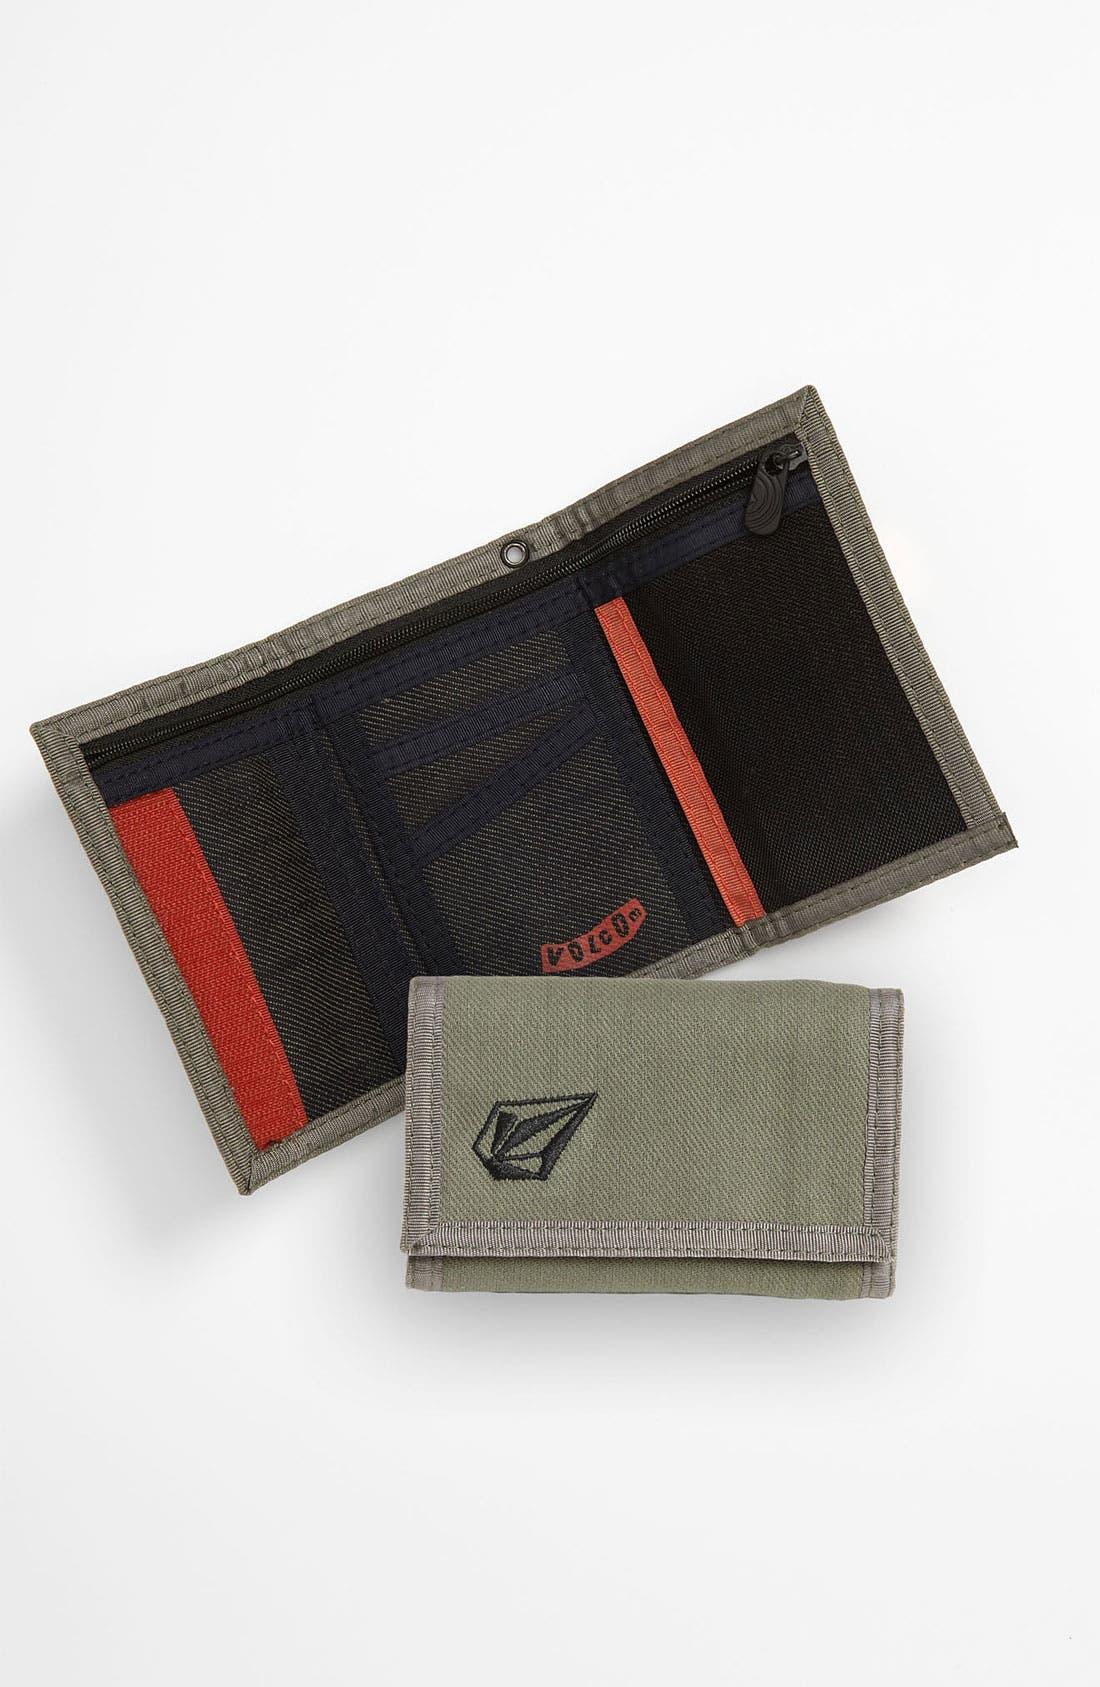 Alternate Image 1 Selected - Volcom 'Full Stone 3F' Wallet (Boys)